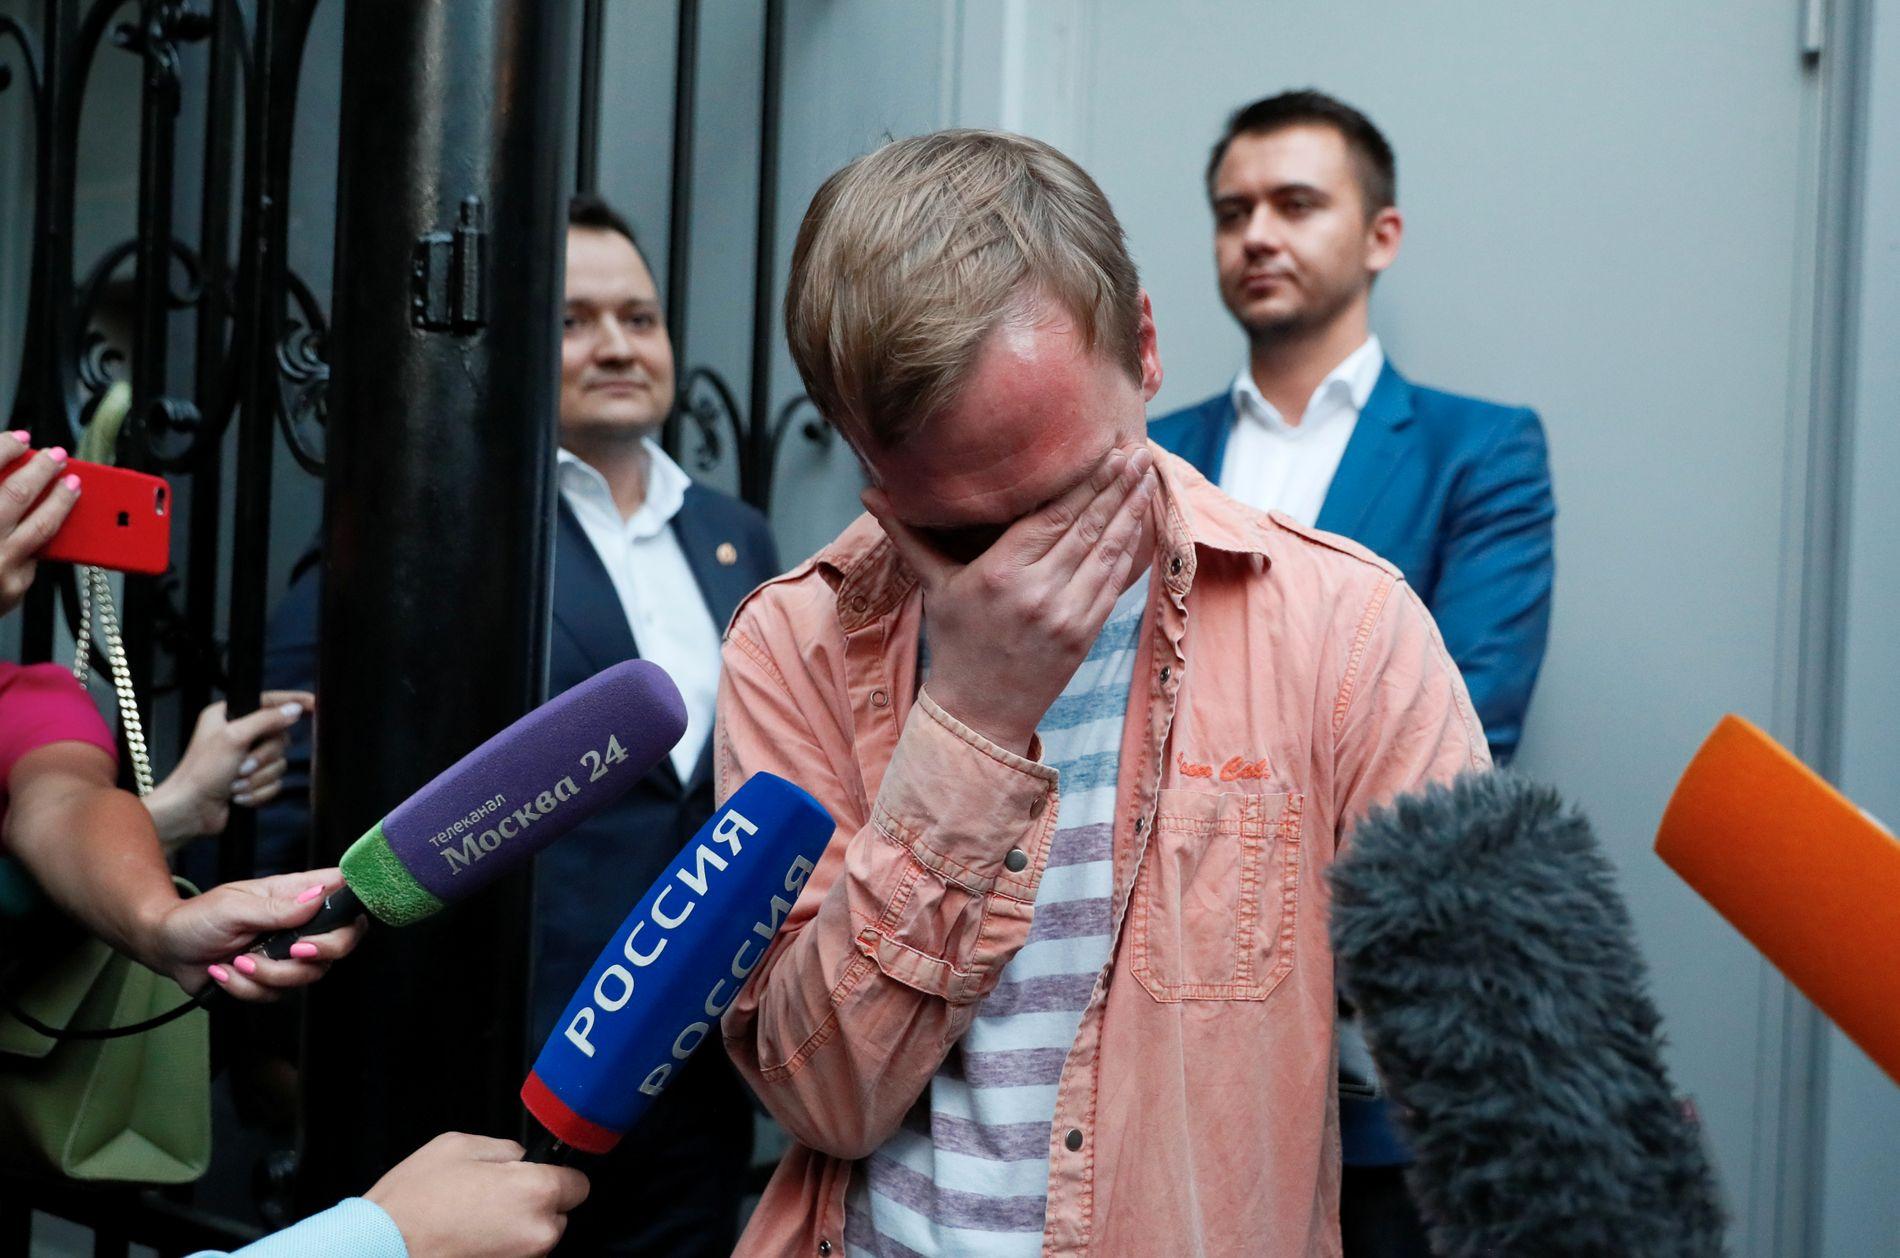 FRI MANN: Ivan Golunov tok til tårene etter at han tirsdag ble løslatt.